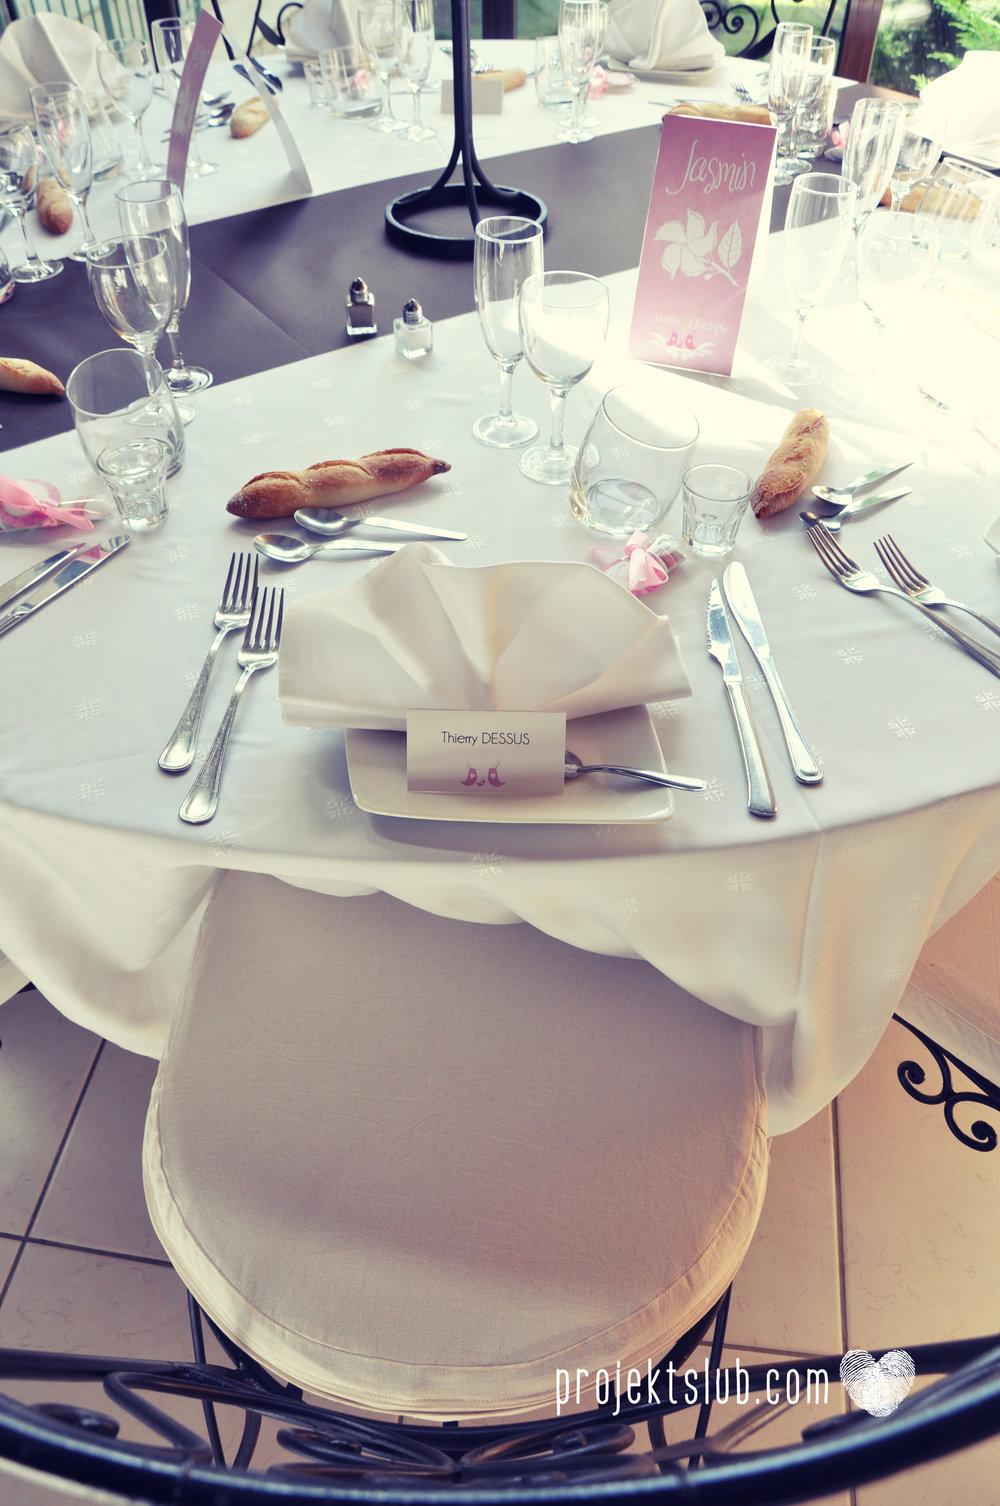 zaproszenia-ślubne-eleganckie-glamour-ptaszki-zaproszenia-dla-par-z-dzieckiem-różowy-róż-zielony-zaproszenia-projekt-ślub  (9).jpg